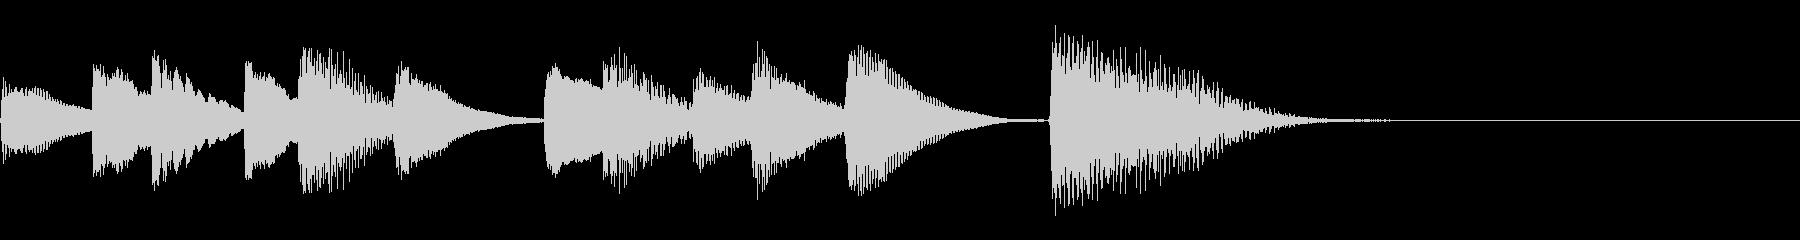 ほのぼのとした短いピアノのジングルの未再生の波形